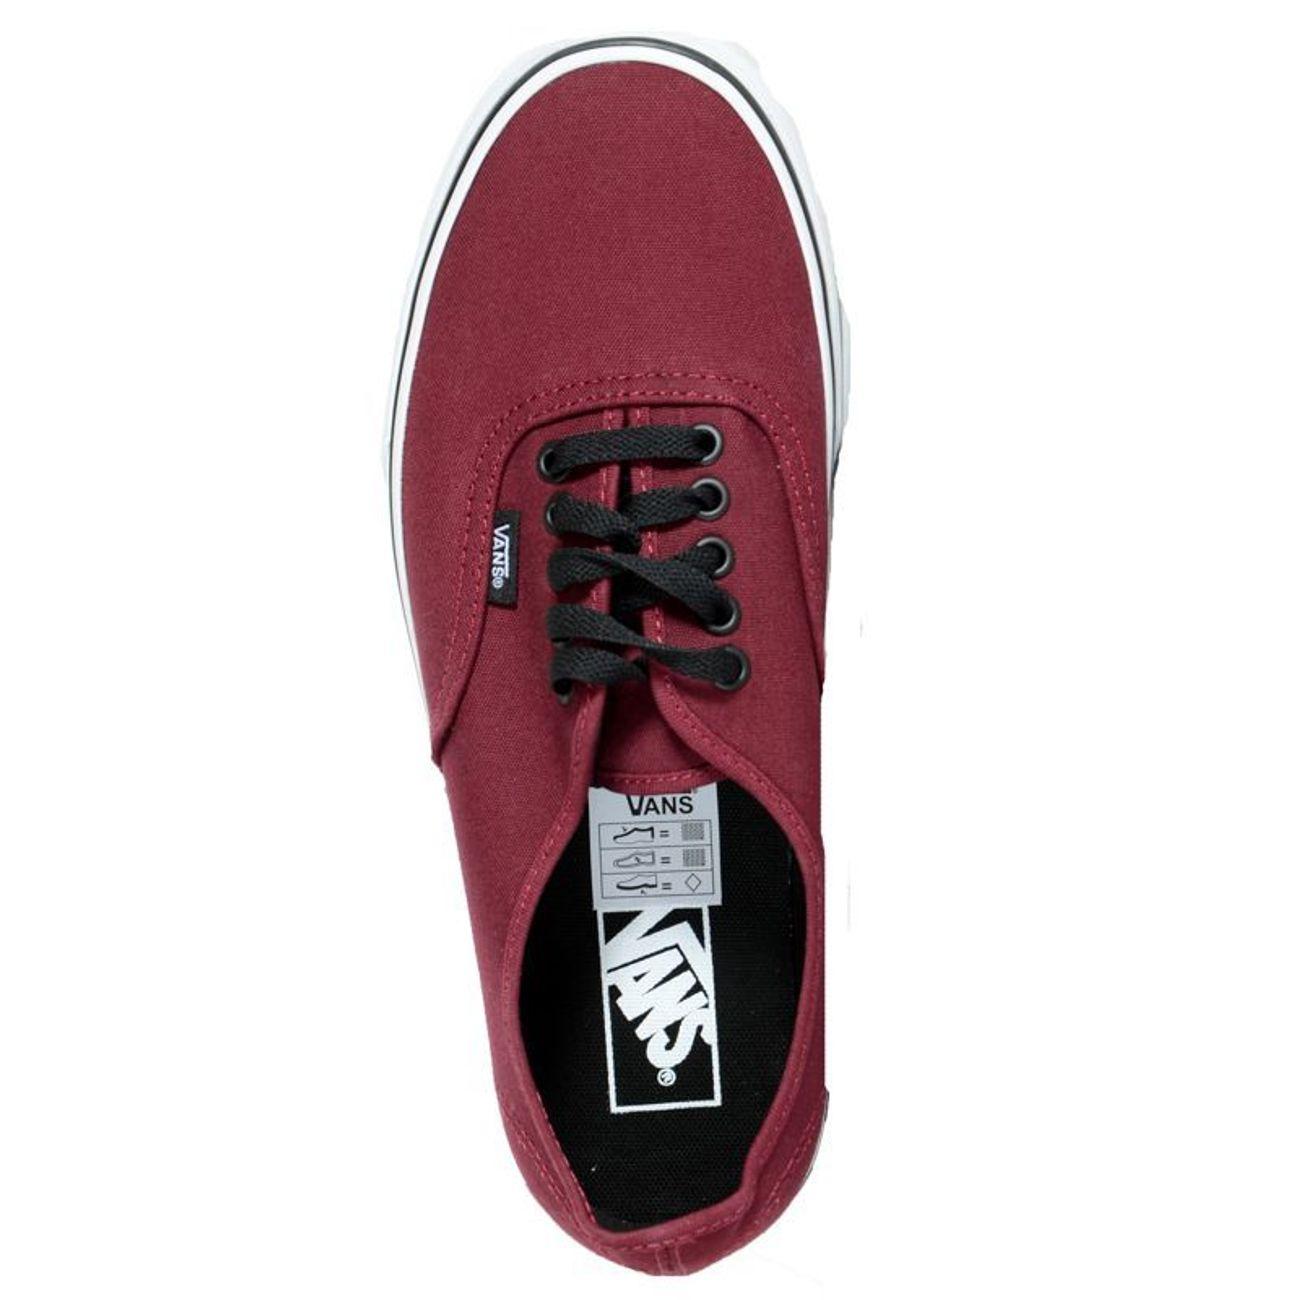 Mode- Lifestyle homme VANS Chaussures Ua Authentic Port Royale/Black e17